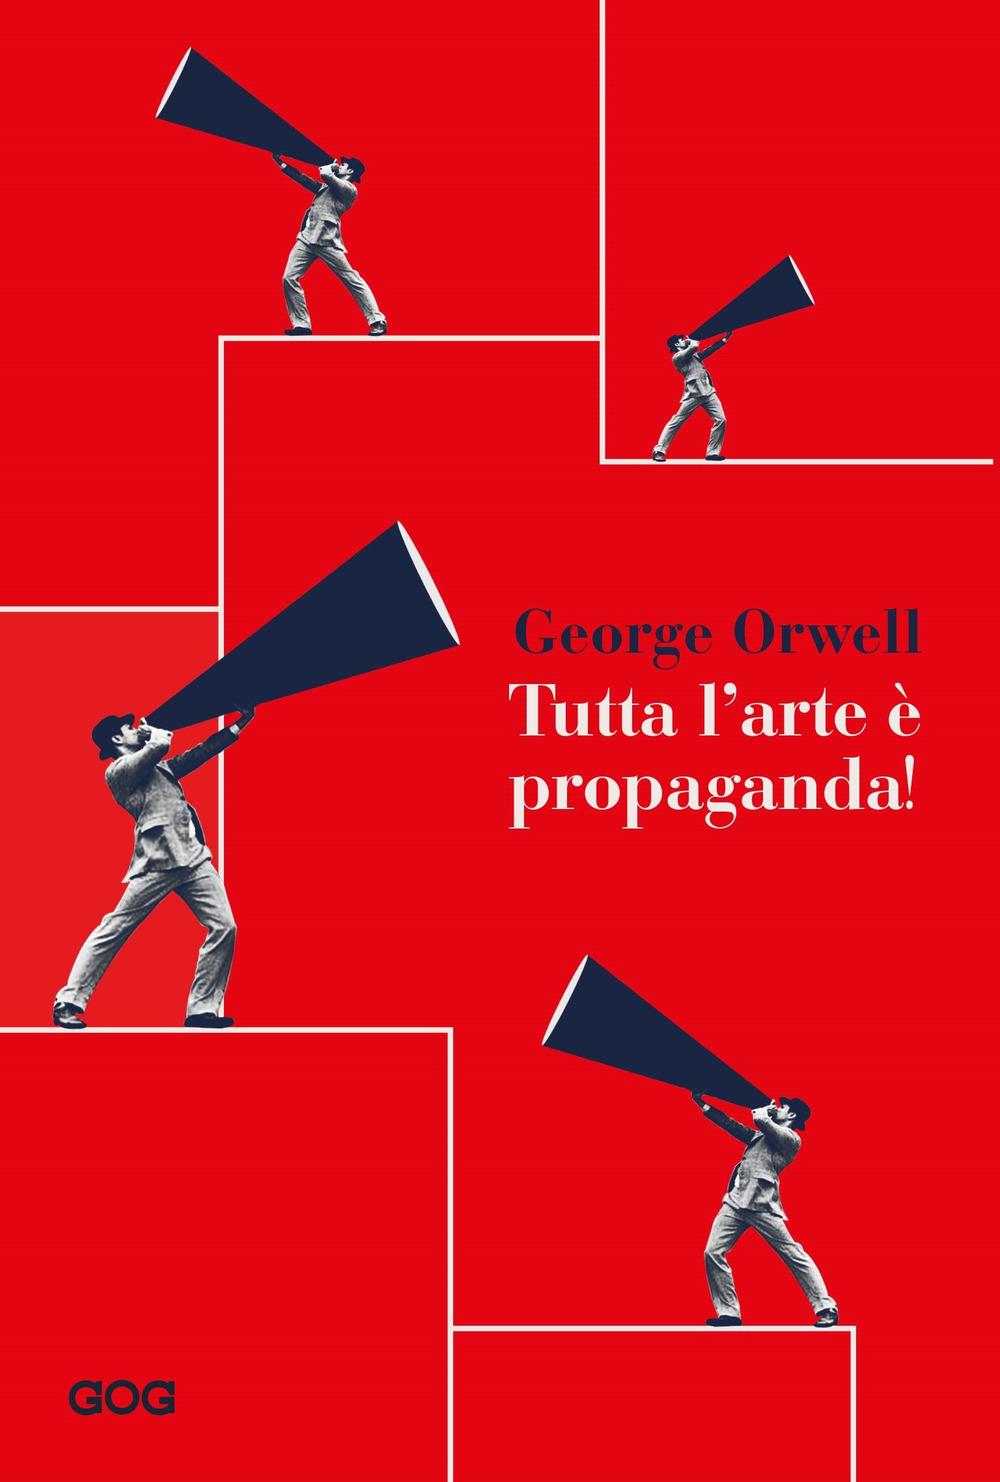 TUTTA L'ARTE È PROPAGANDA - Orwell George - 9788885788350